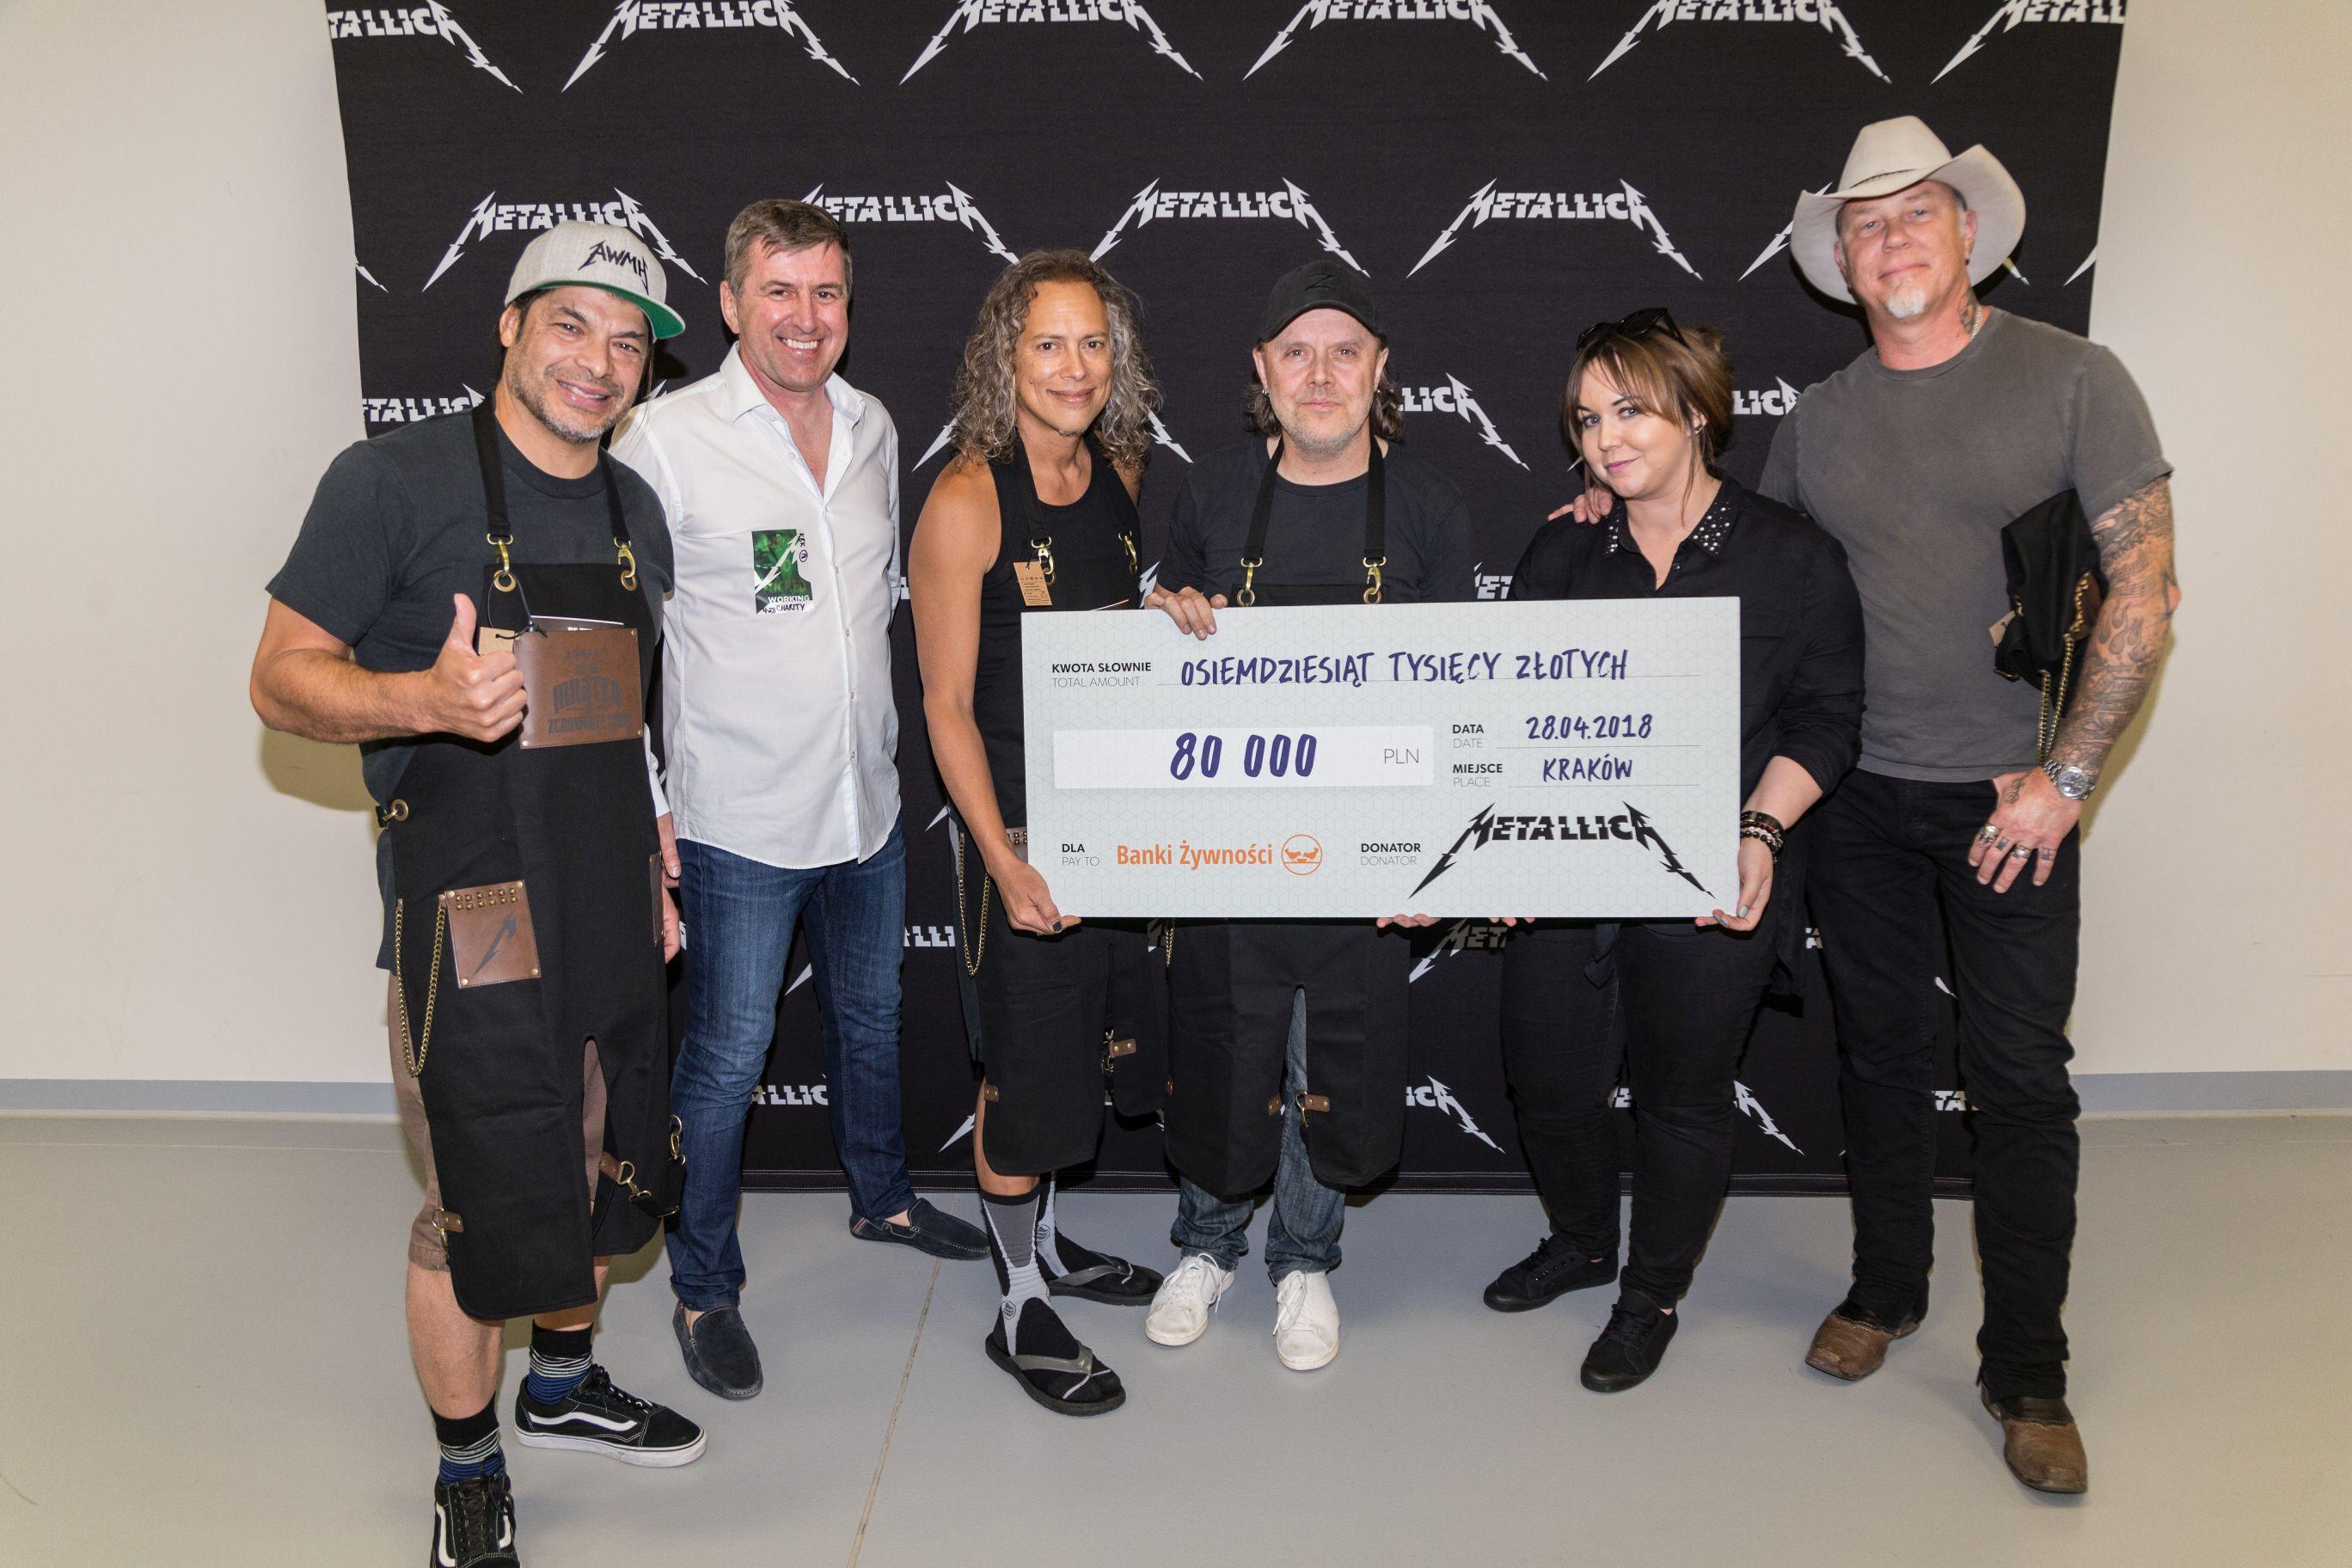 fot. Metallica & Banki Żywności